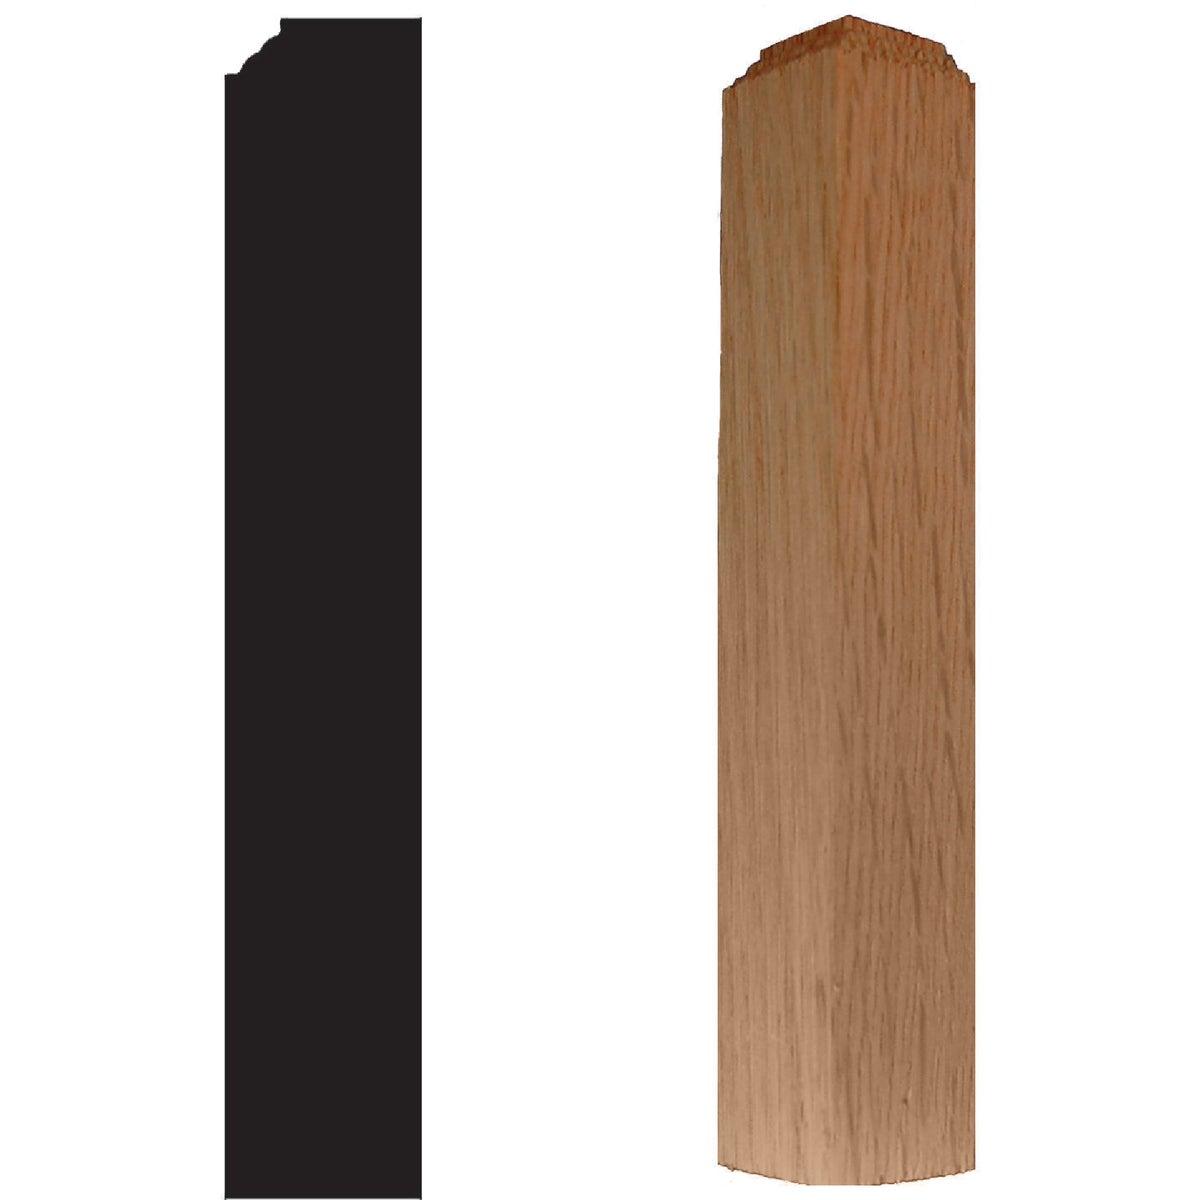 1X1X6 Pine Isc Block